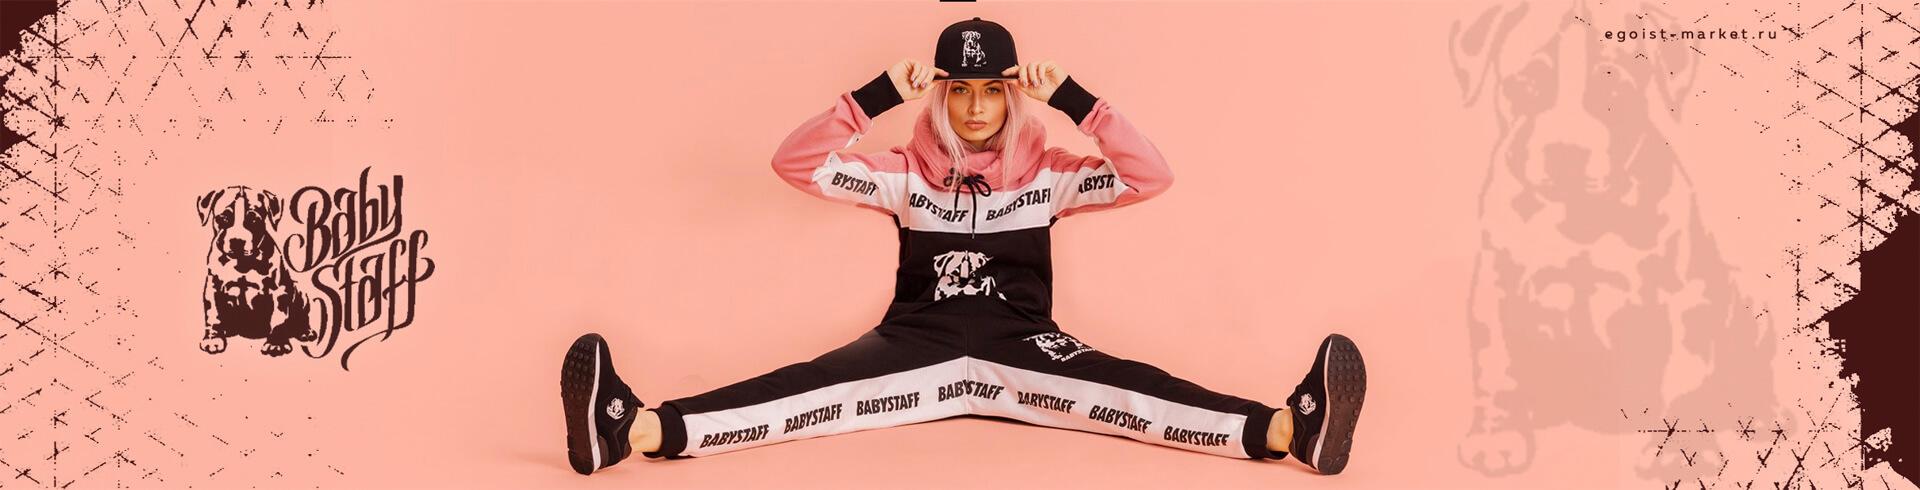 Официальный сайт интернет магазина женской одежды и обуви Babystaff в Москве